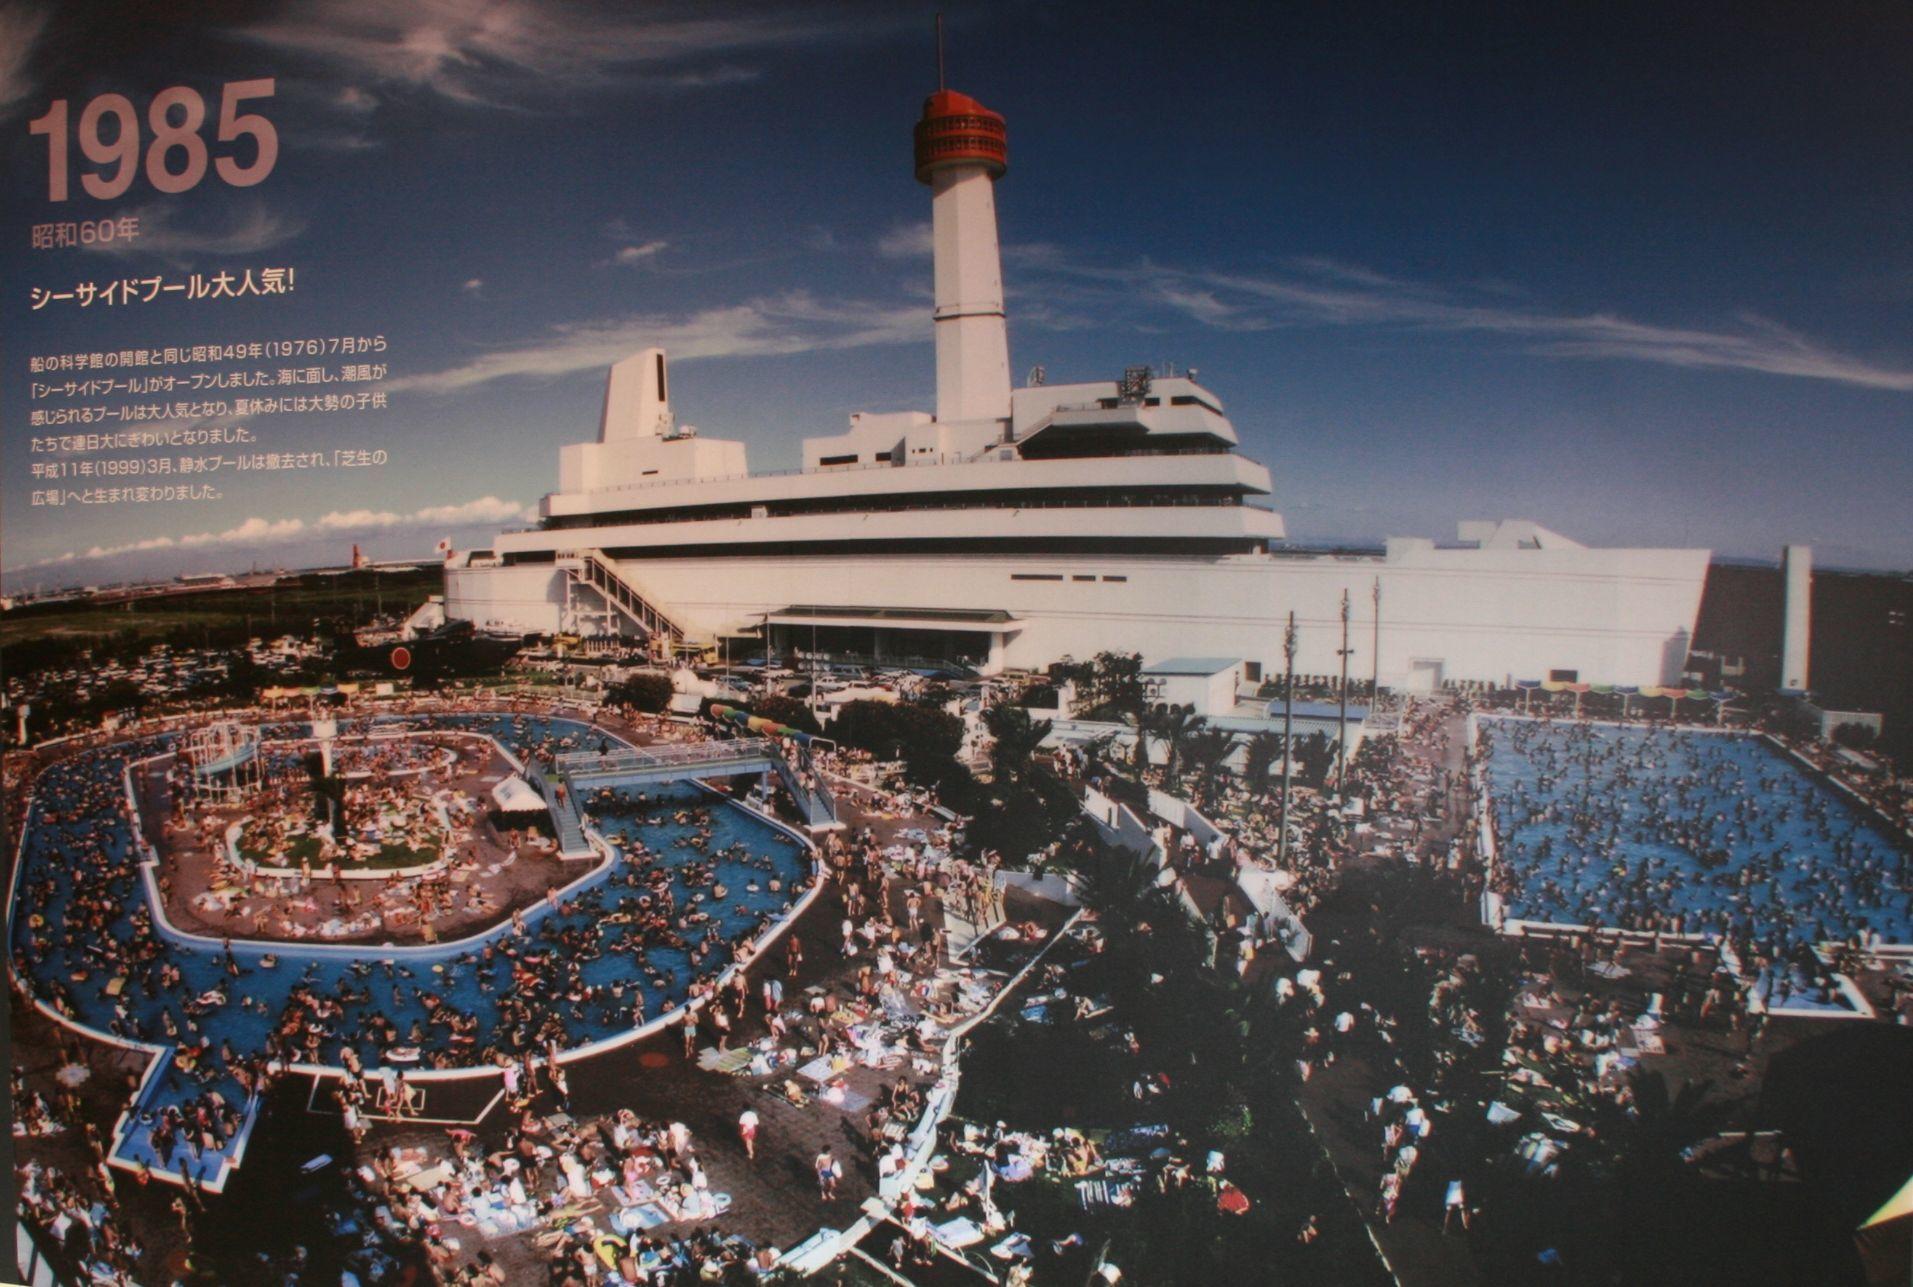 0516 ダイビングの歴史 72 海の世界 1974-07_b0075059_15190489.jpg